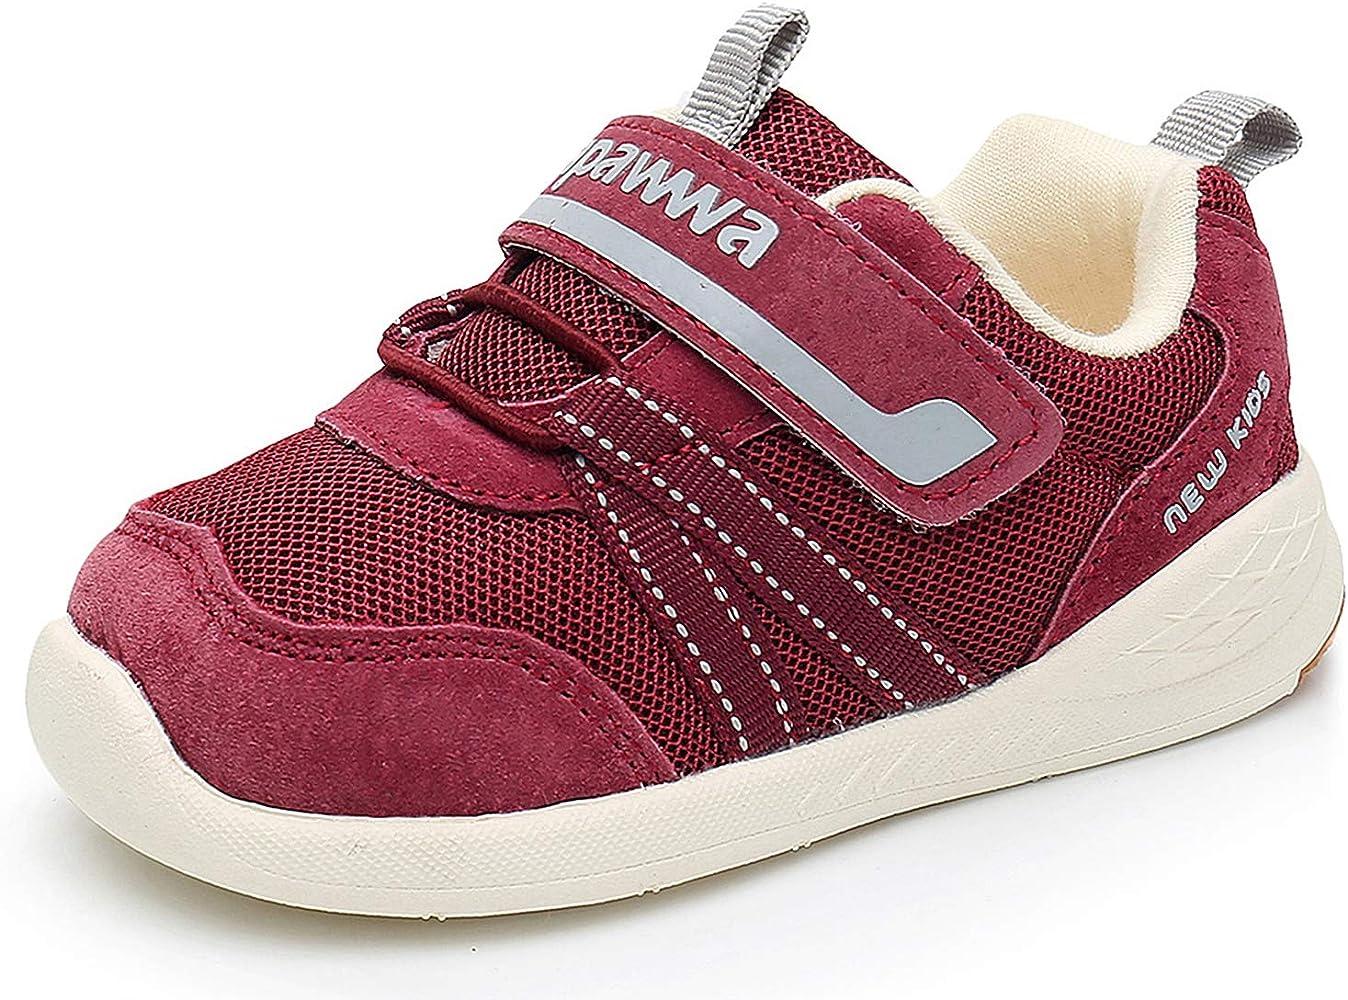 Ahannie Zapatos de Primeros Pasos Unisex bebé,Zapatillas de ...